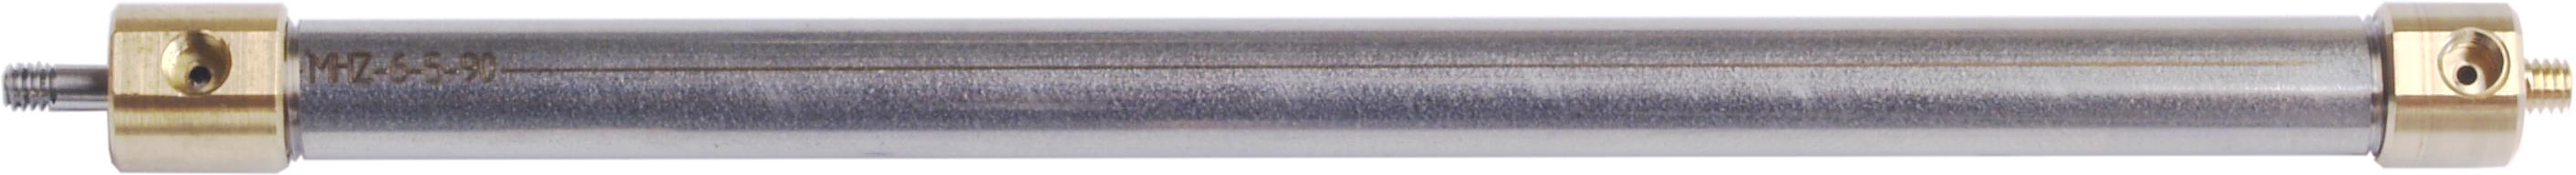 Hydraulic Cylinder Stroke 100mm